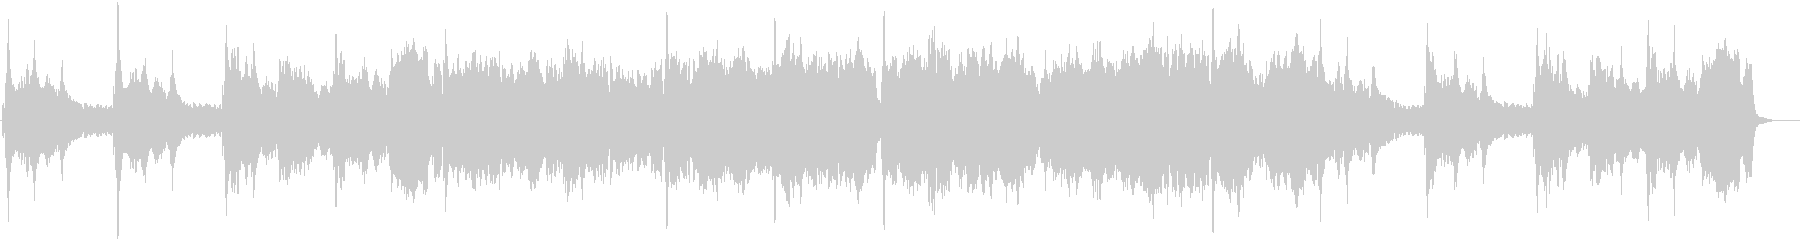 ハープとチェロが綺麗なクラシックBGMの未再生の波形